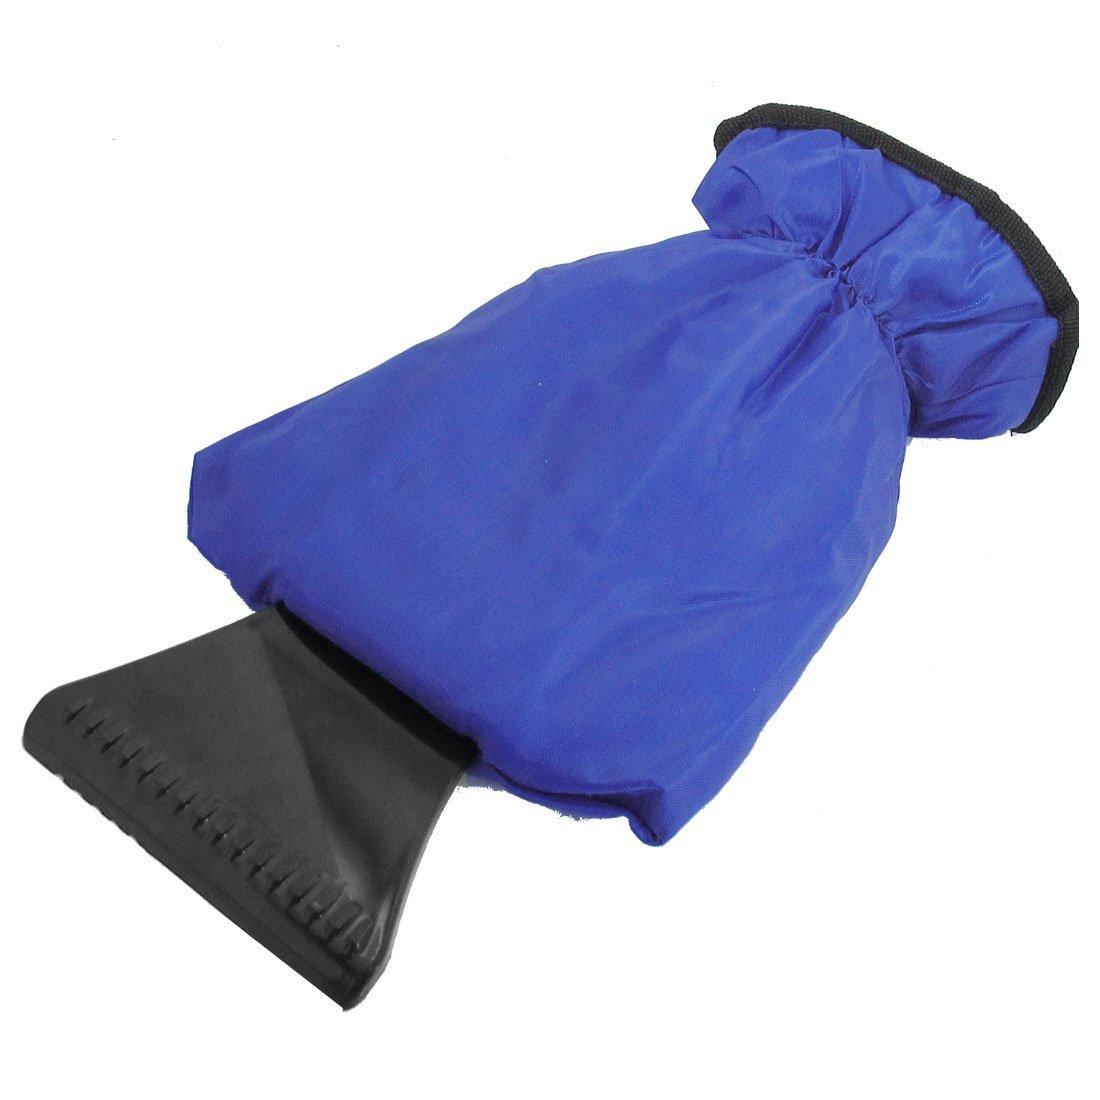 pala neve Guanto - TOOGOO(R) Veicolo Finestra del parabrezza dell'automobile Raschiaghiaccio Neve Guanto Blu Nero SHOMAGT24294